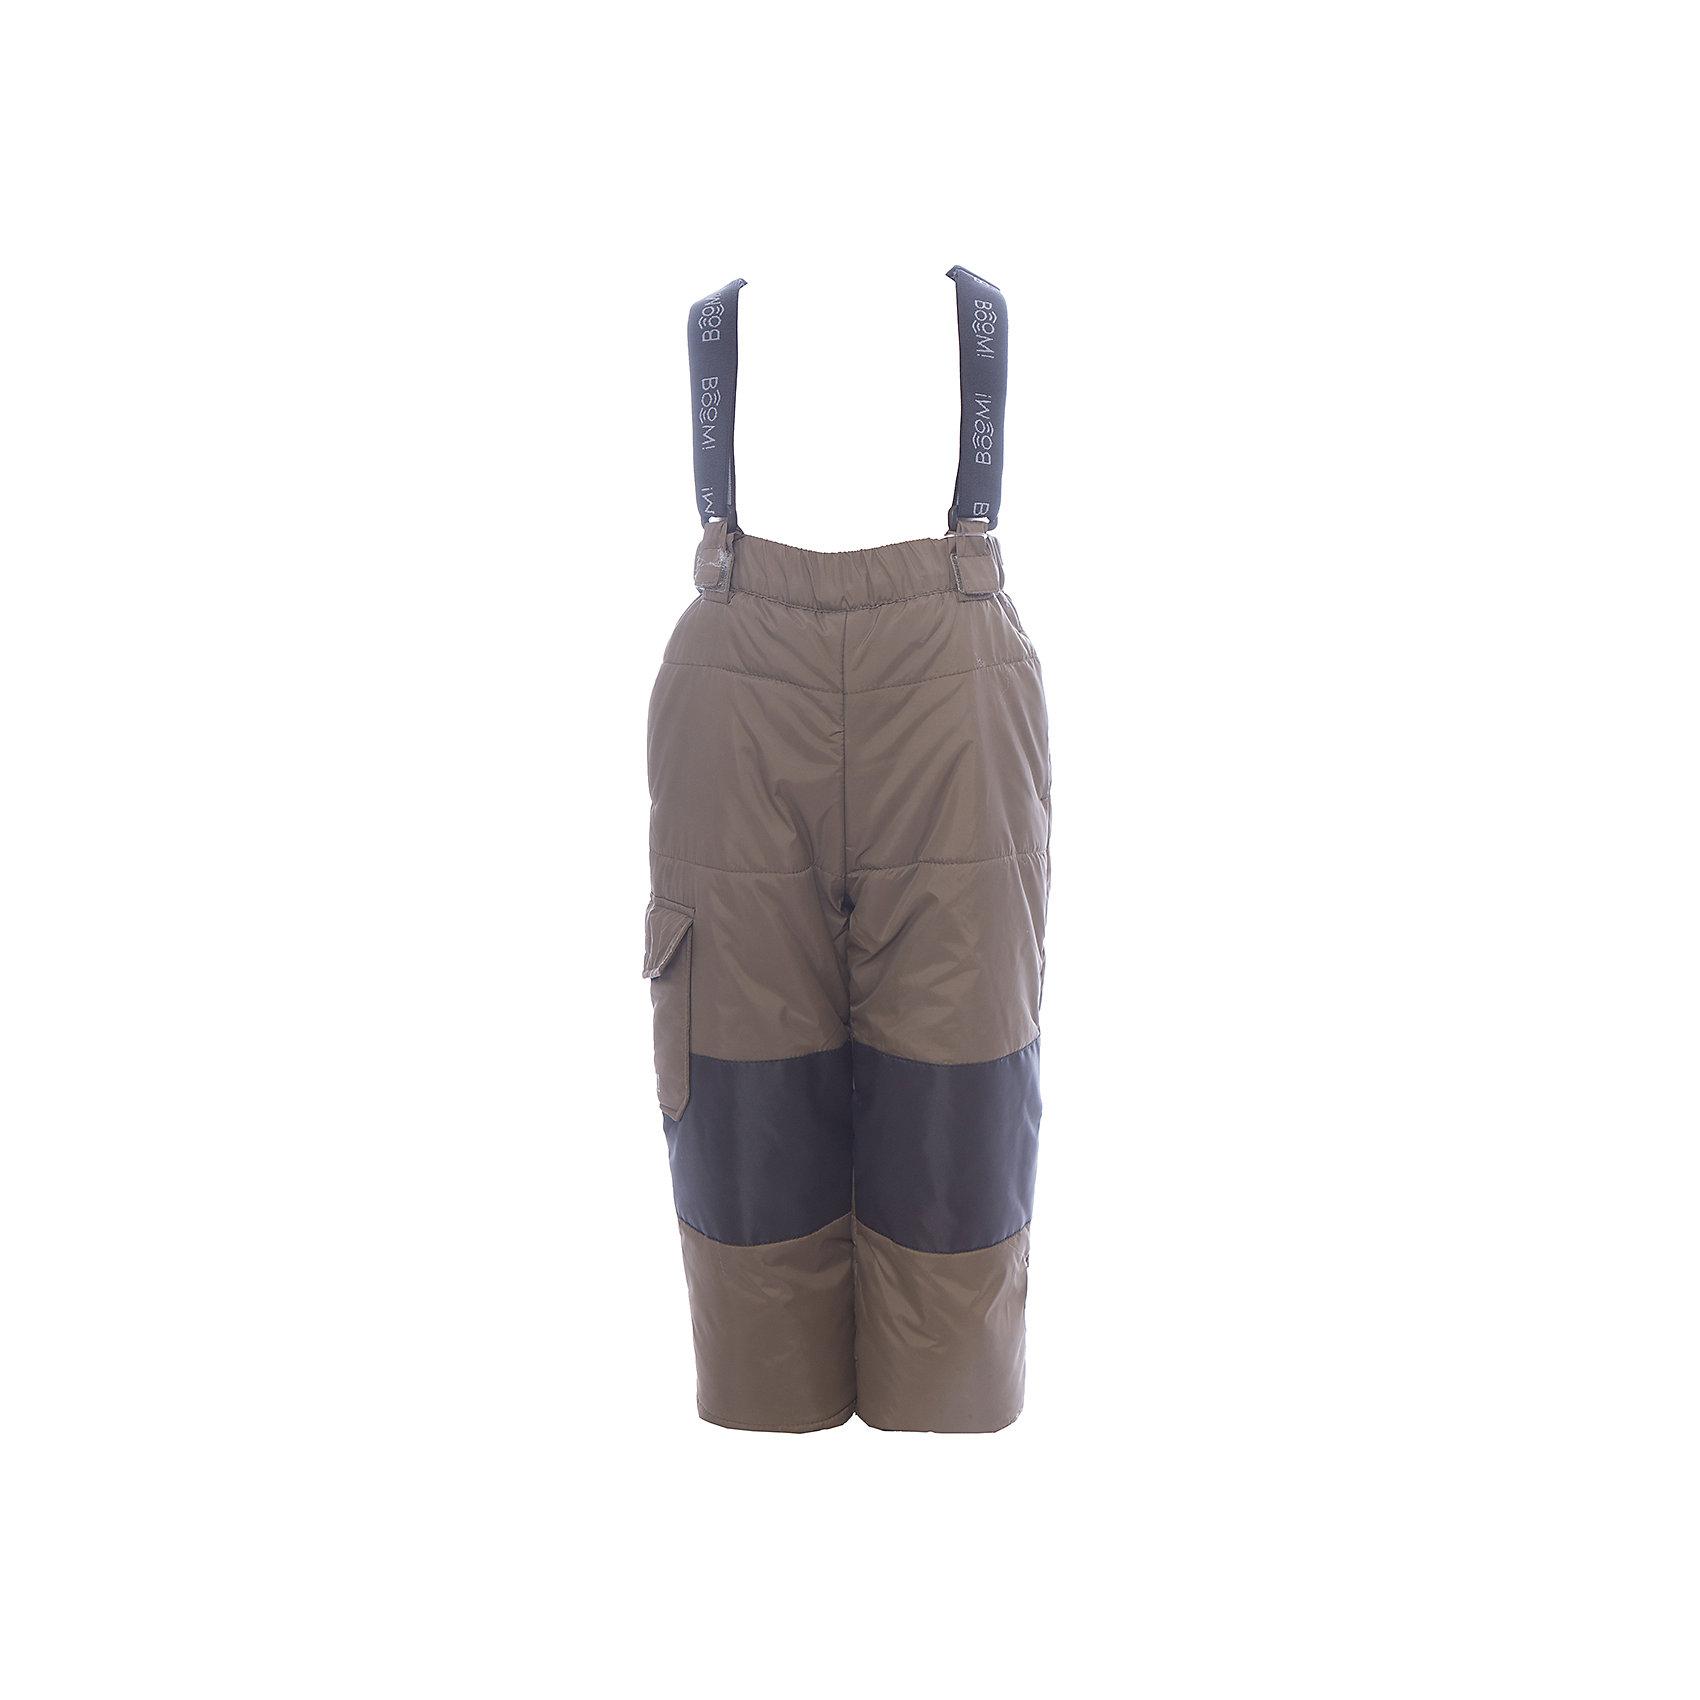 Полукомбинезон BOOM by Orby для мальчикаВерхняя одежда<br>Характеристики товара:<br><br>• цвет: синий<br>• состав ткани: таффета pu milky<br>• подкладка: полиэстер пуходержащий<br>• утеплитель: эко синтепон<br>• сезон: зима<br>• температурный режим: от 0 до -30С<br>• плотность утеплителя: 200 г/м2<br>• застежка: пуговица<br>• страна бренда: Россия<br>• страна изготовитель: Россия<br><br>Это полукомбинезон с подтяжками стильно смотрится и комфортно сидит. Детский полукомбинезон имеет удобную застежку. Теплый зимний полукомбинезон для ребенка дополнен манжетами-отворотами. Детский полукомбинезон поможет обеспечить необходимый уровень комфорта в морозы. Плотная ткань и утеплитель зимнего полукомбинезона защитят ребенка от холодного воздуха.<br><br>Полукомбинезон для мальчика BOOM by Orby (Бум бай Орби) можно купить в нашем интернет-магазине.<br><br>Ширина мм: 215<br>Глубина мм: 88<br>Высота мм: 191<br>Вес г: 336<br>Цвет: хаки<br>Возраст от месяцев: 18<br>Возраст до месяцев: 24<br>Пол: Мужской<br>Возраст: Детский<br>Размер: 92,158,152,146,140,134,128,122,116,110,104,98<br>SKU: 7090980